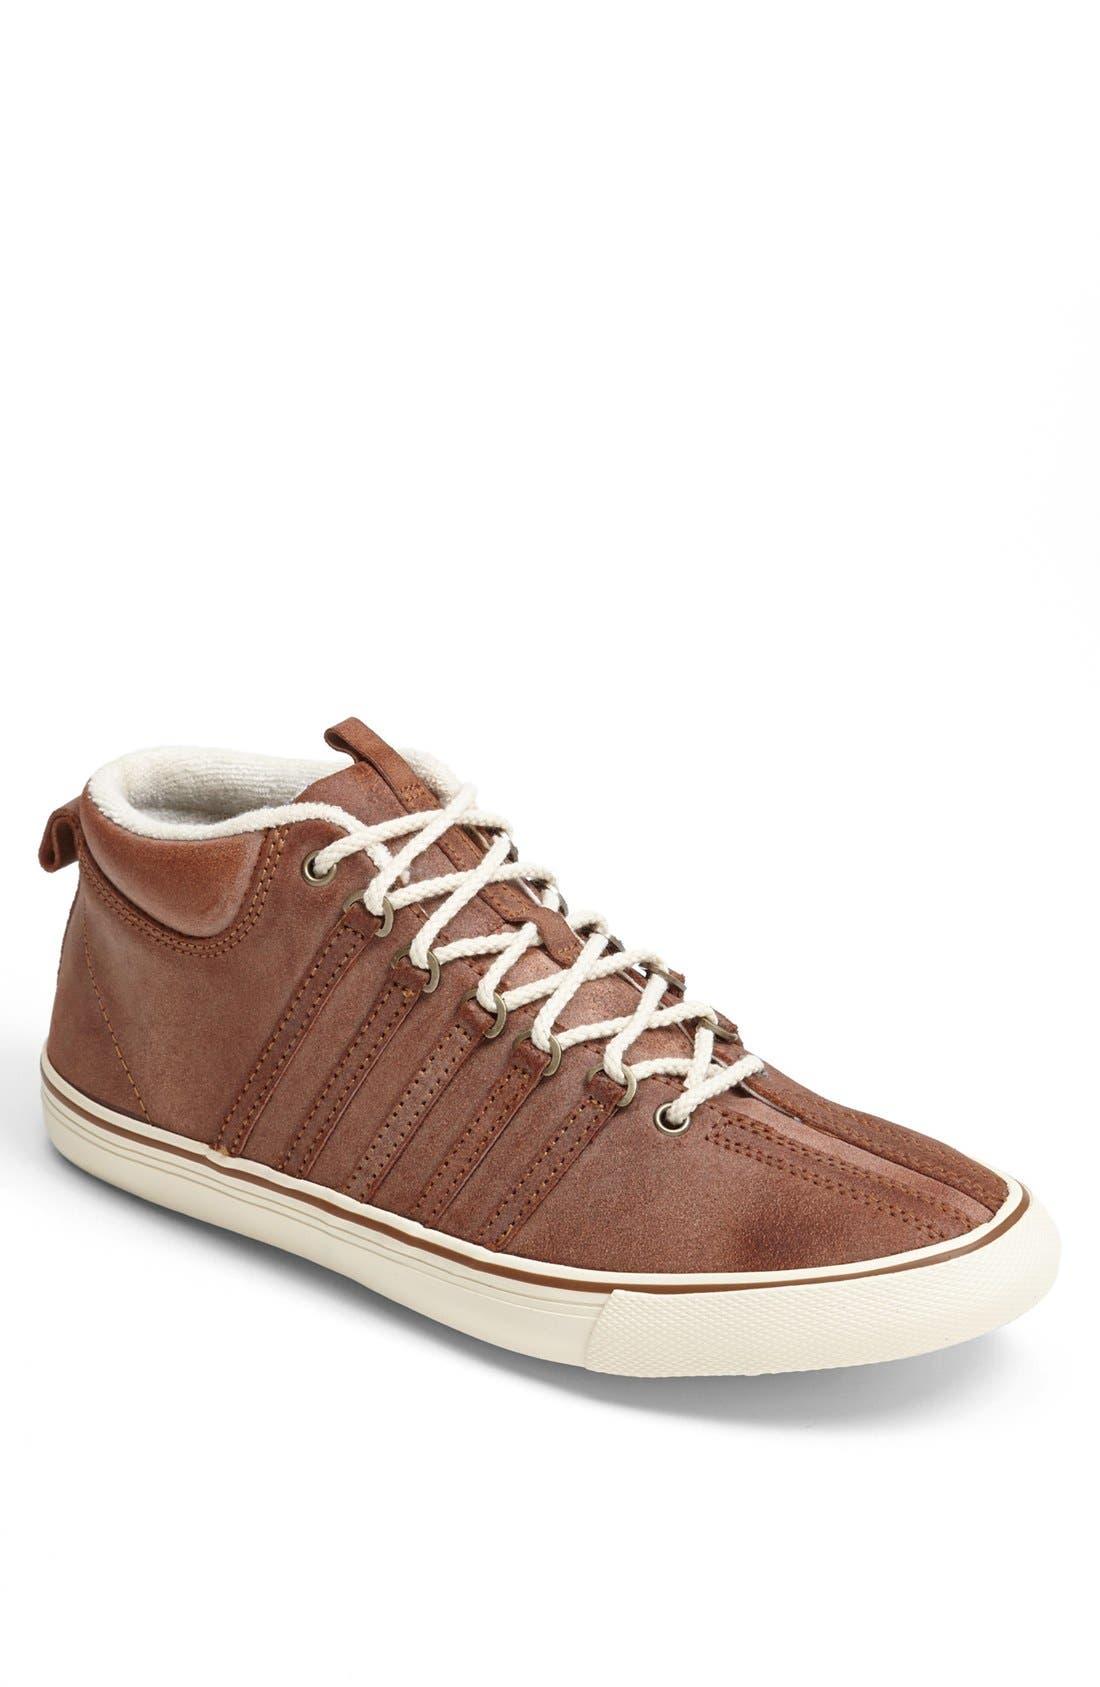 Alternate Image 1 Selected - K-Swiss 'Billy Reid Venice' Chukka Sneaker (Men)